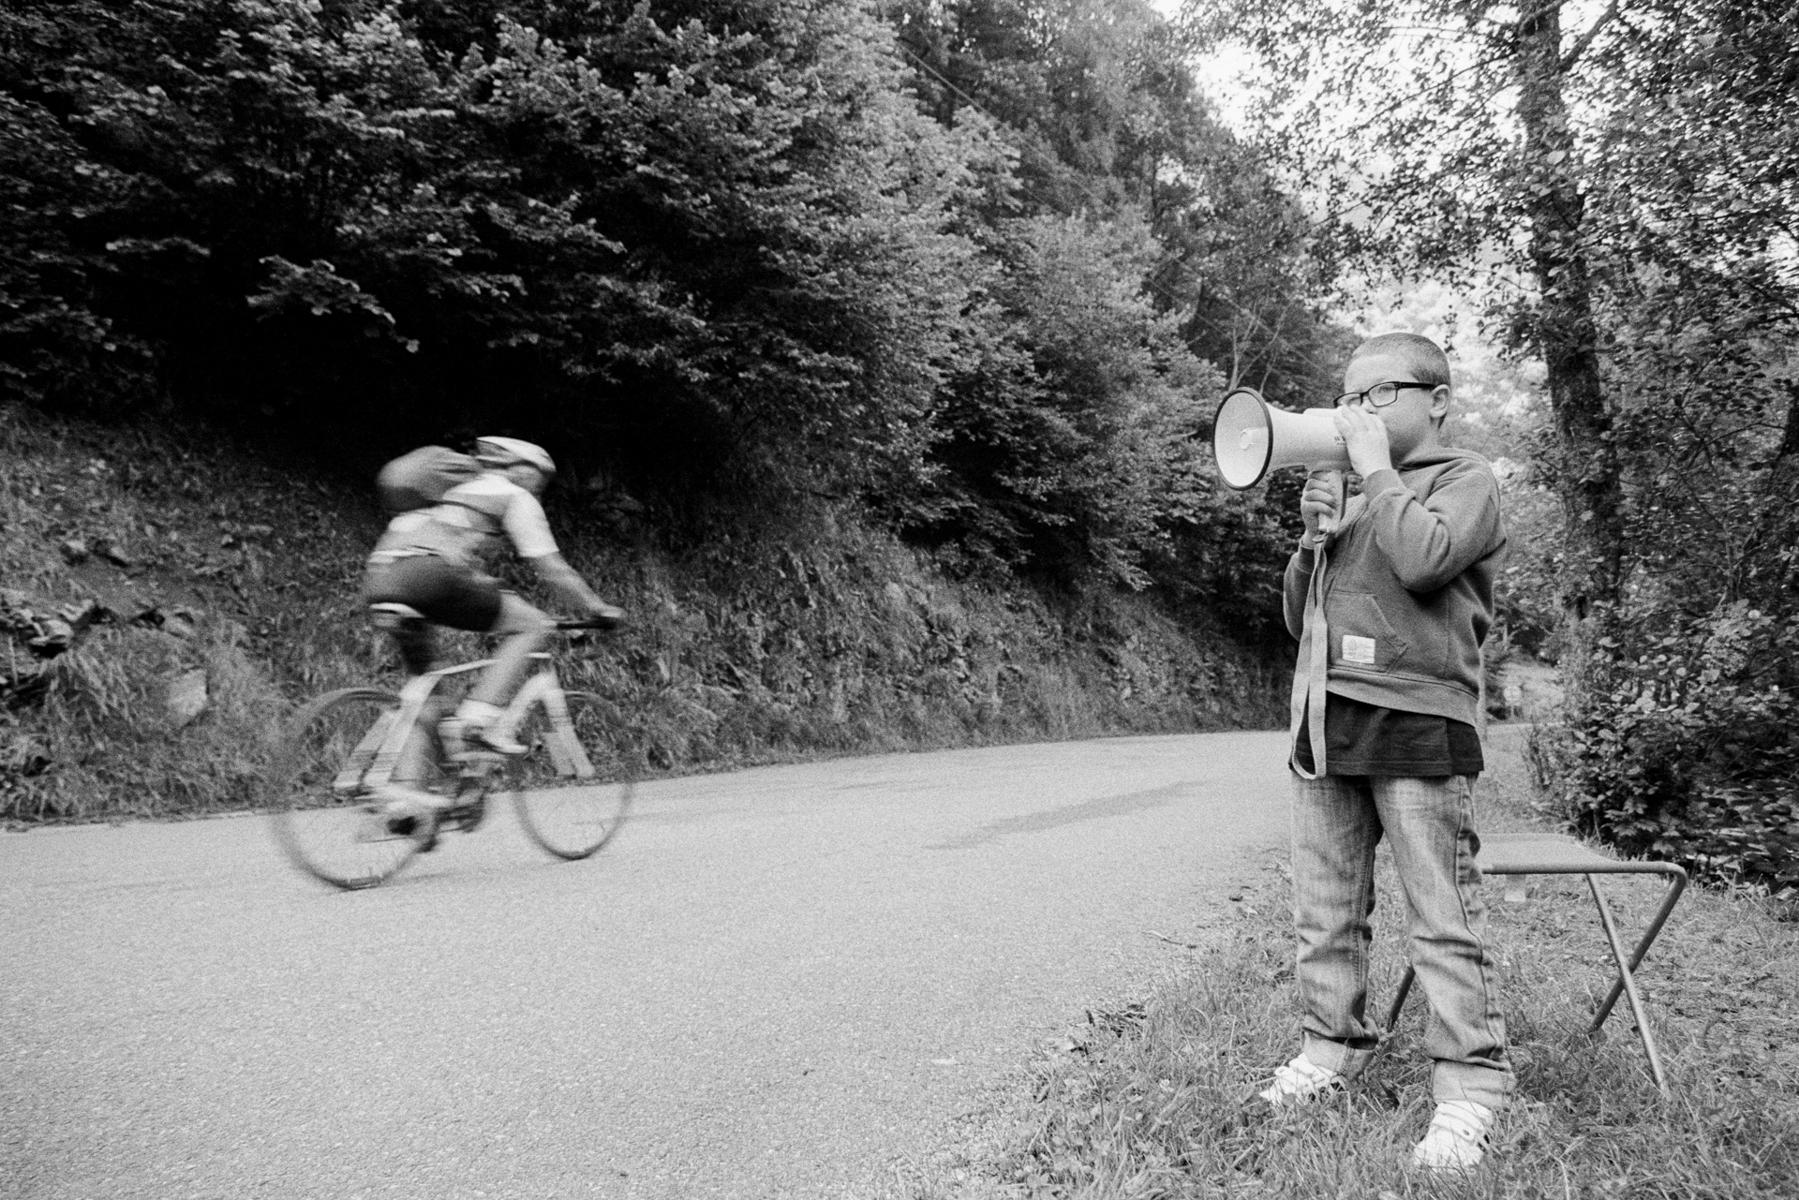 Le Tour de France 2014 This young fan is motivating every amateur with his megaphone who dares go up the climb at Port de Balès (1,755 m). Ce jeune amateur de vélo harangue de son mégaphone ceux qui tentent l'ascension vers Port de Balès (1.755m). Dieser kleine Fan feuert mit seinem Megafon jeden Amateur an, der den Aufstieg auf den Port de Balès wagt (1.755 m). Este pequeño aficionado con su megáfono anima a todos los que se atreven a subir a Port de Bales (1.755 m).